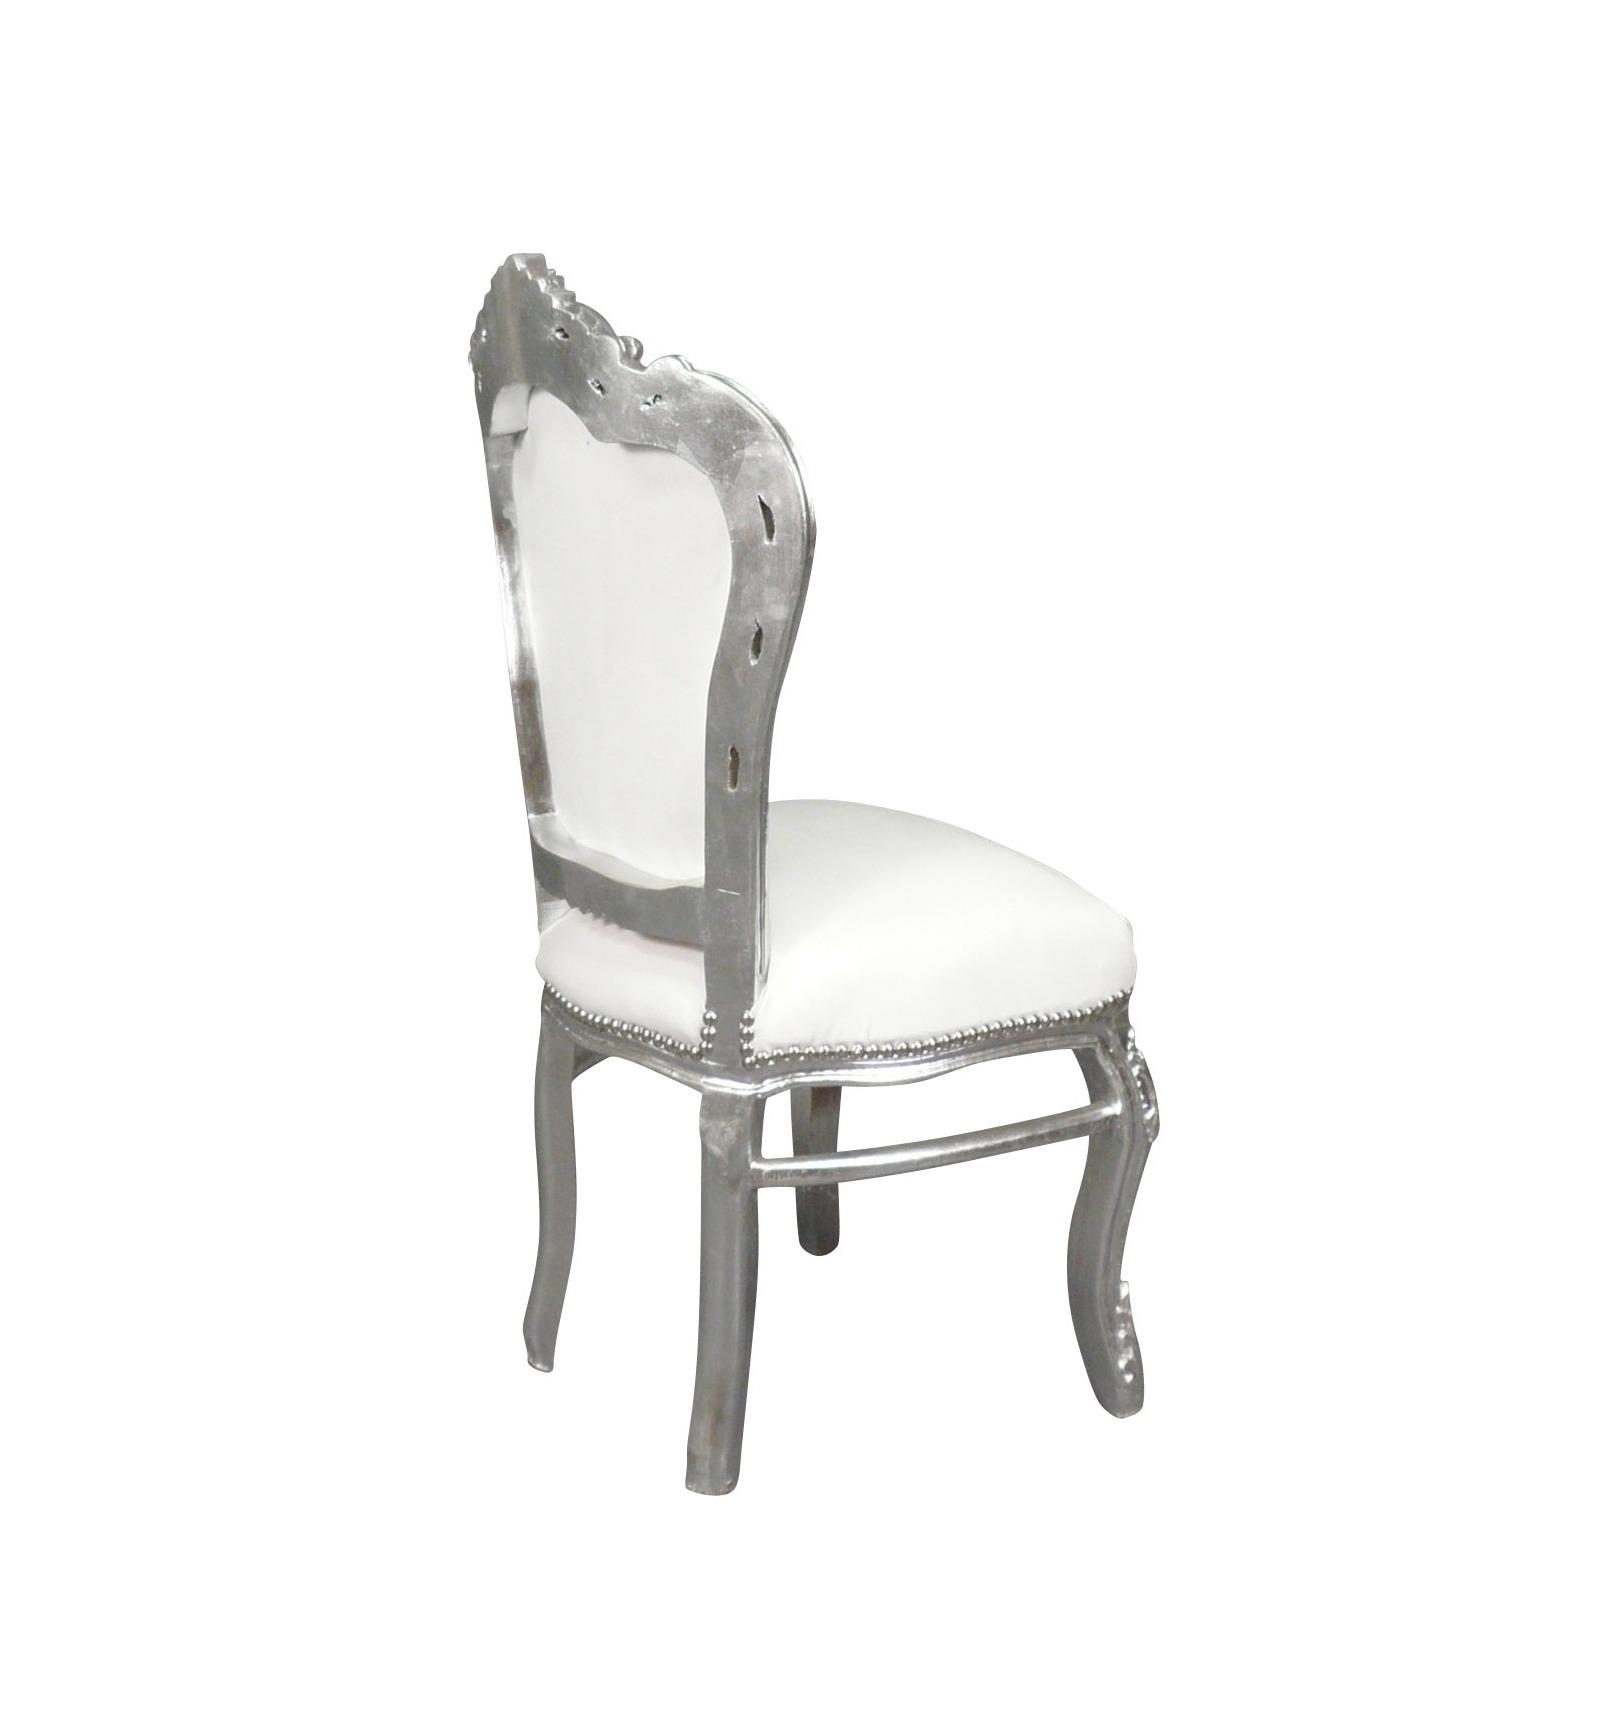 chaise baroque en tissu de couleur blanc et argent - Chaise Baroque